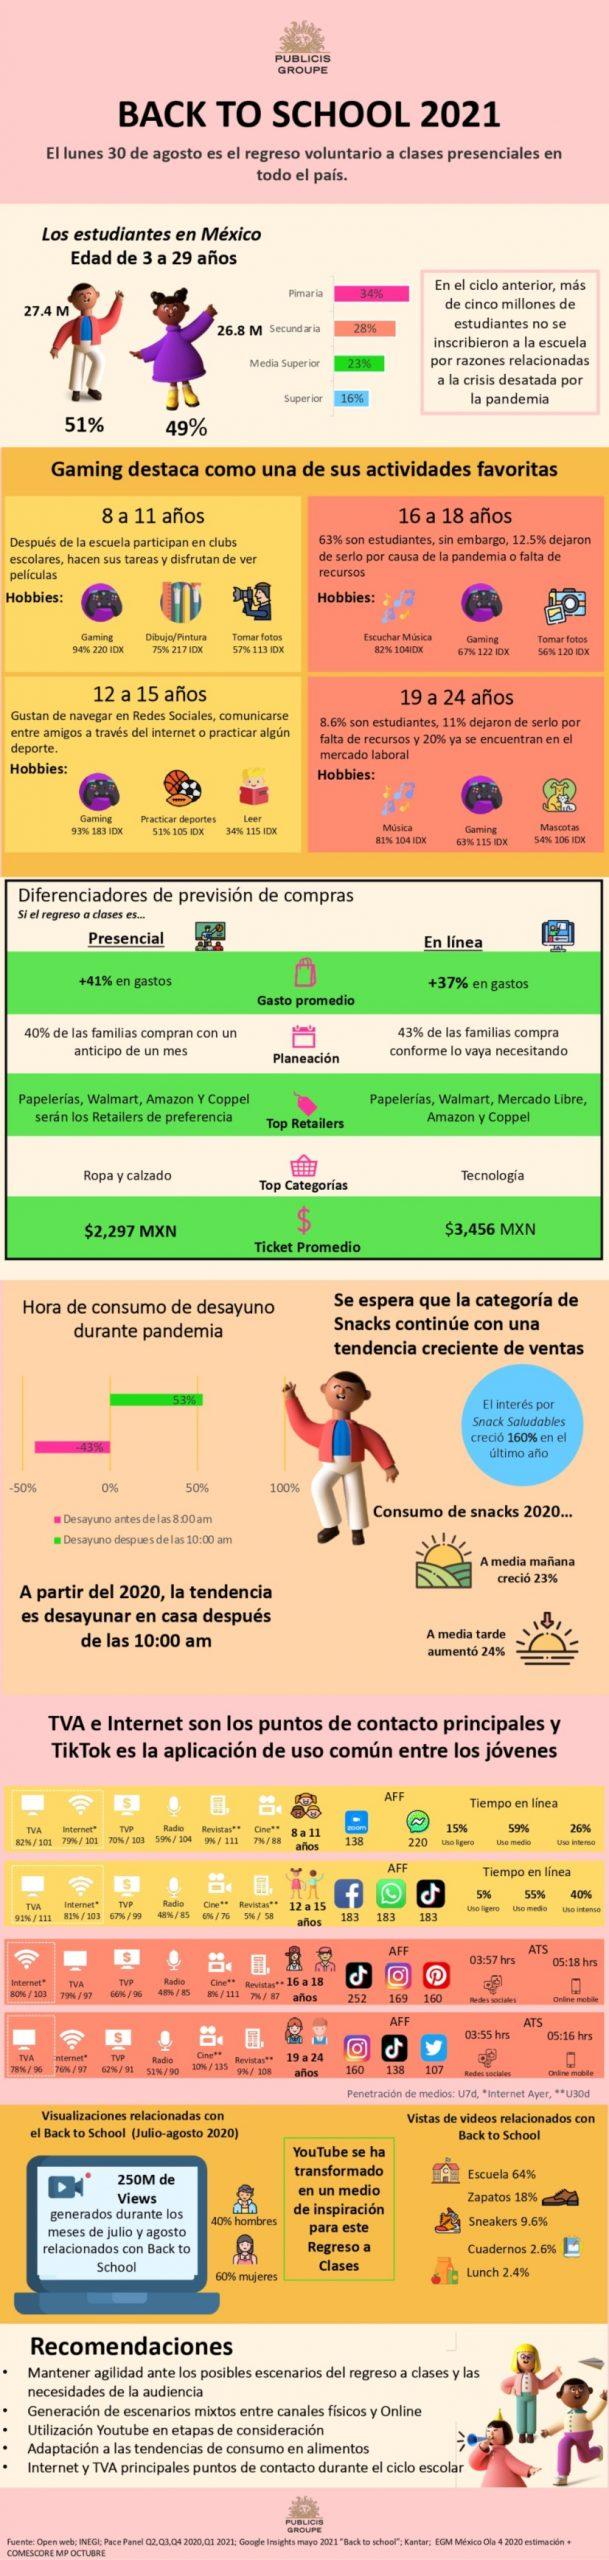 Infografía: La nueva realidad del regreso a clases